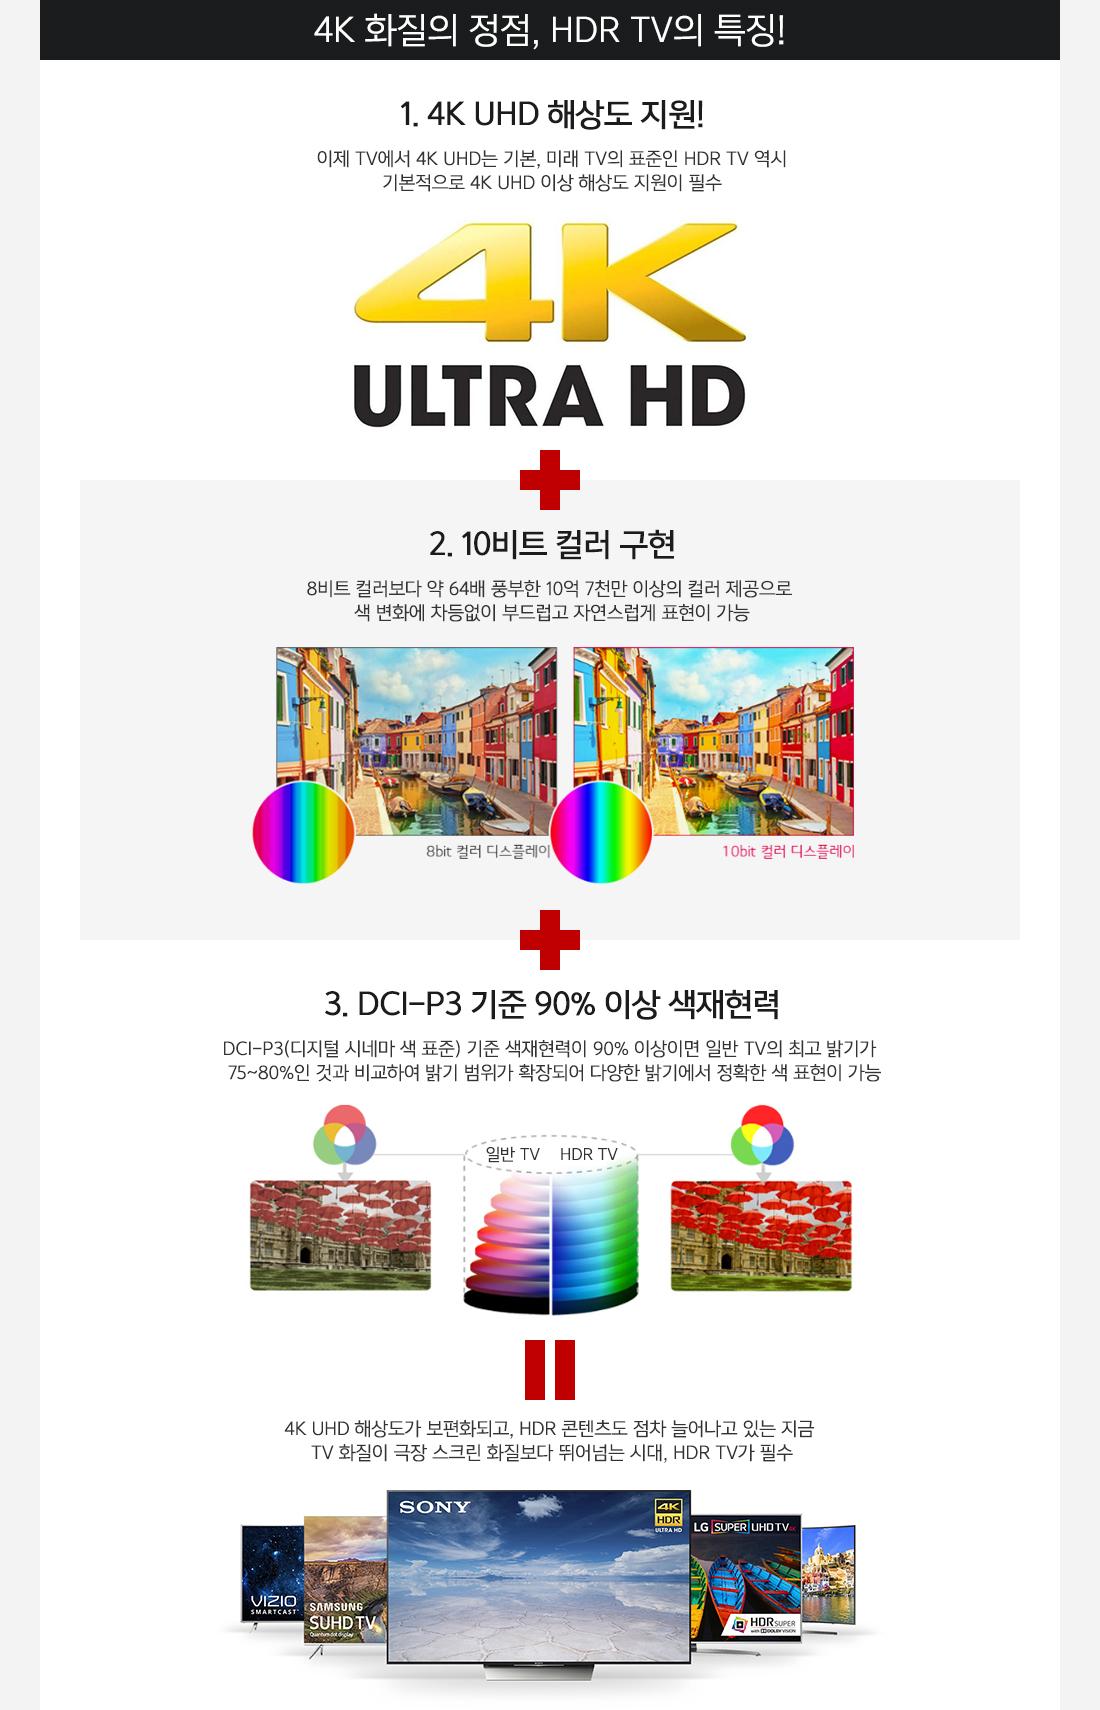 4K 화질의 정점, HDR TV의 특징!